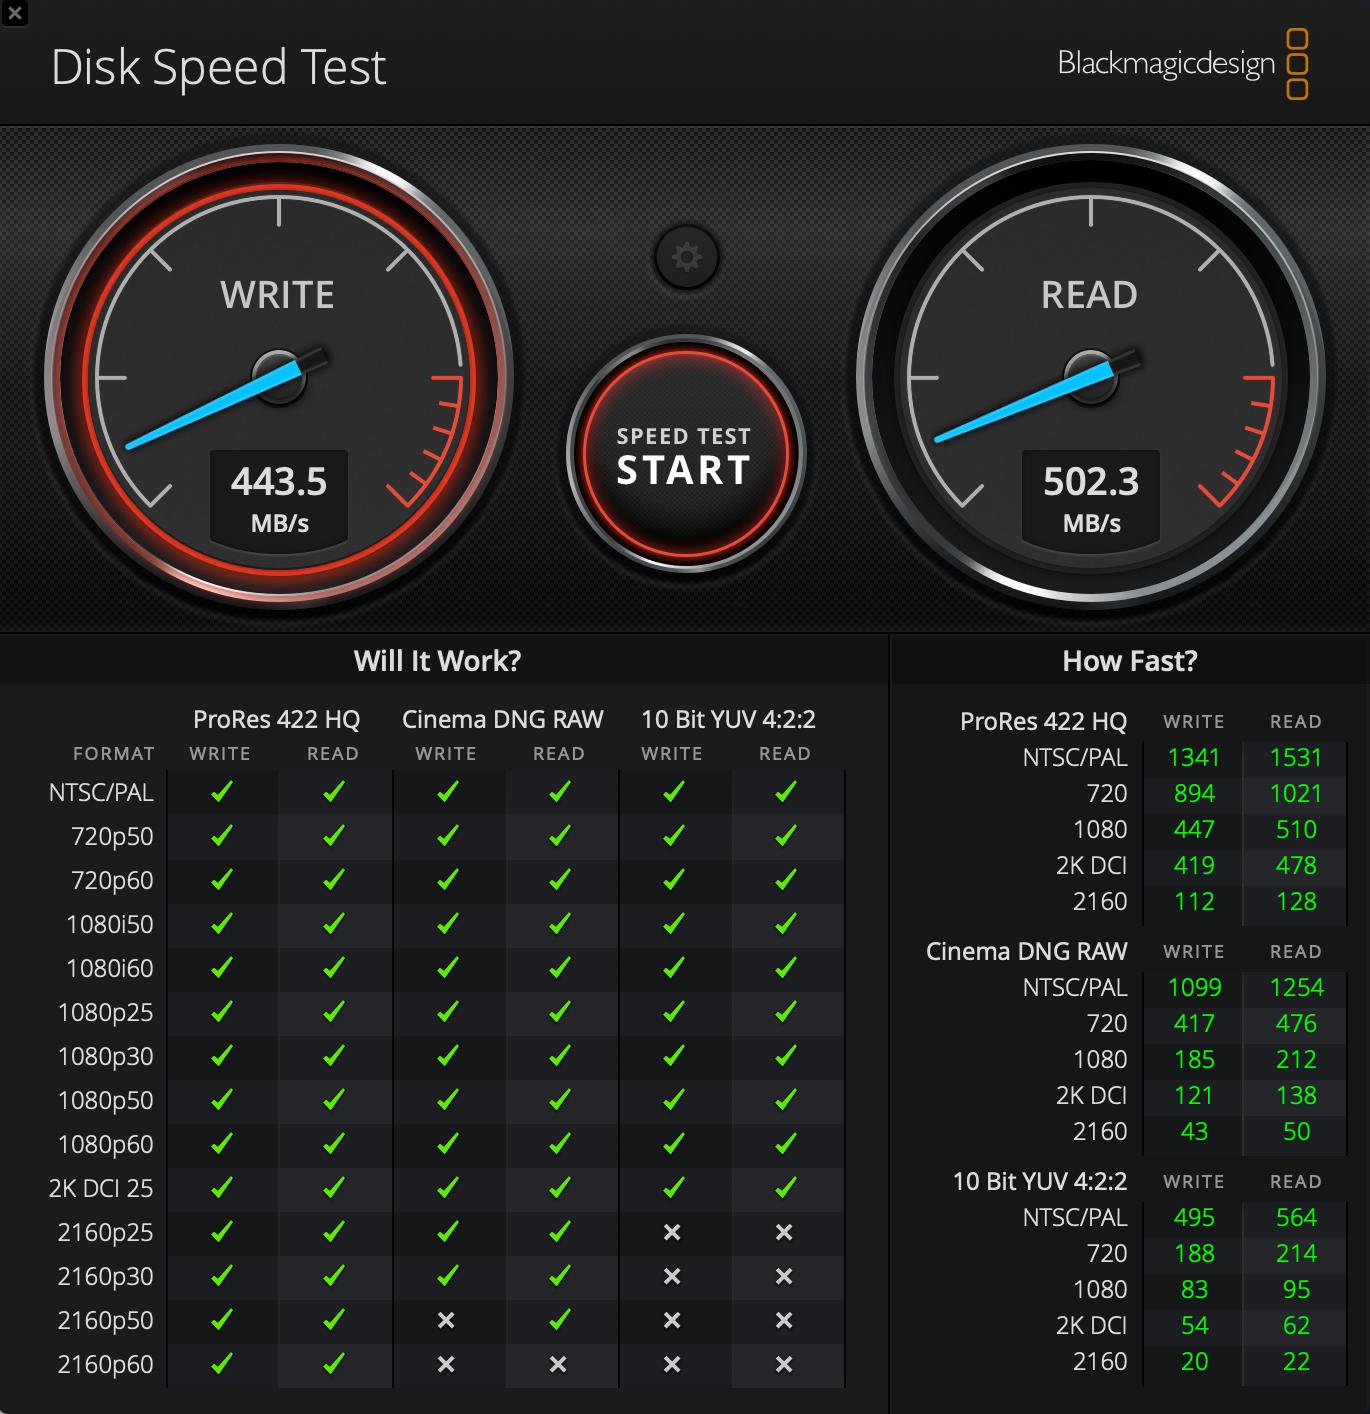 速度測定アプリ「Blackmagic Disk Speed Test」でRAVPower RP-UM003のテストをした結果